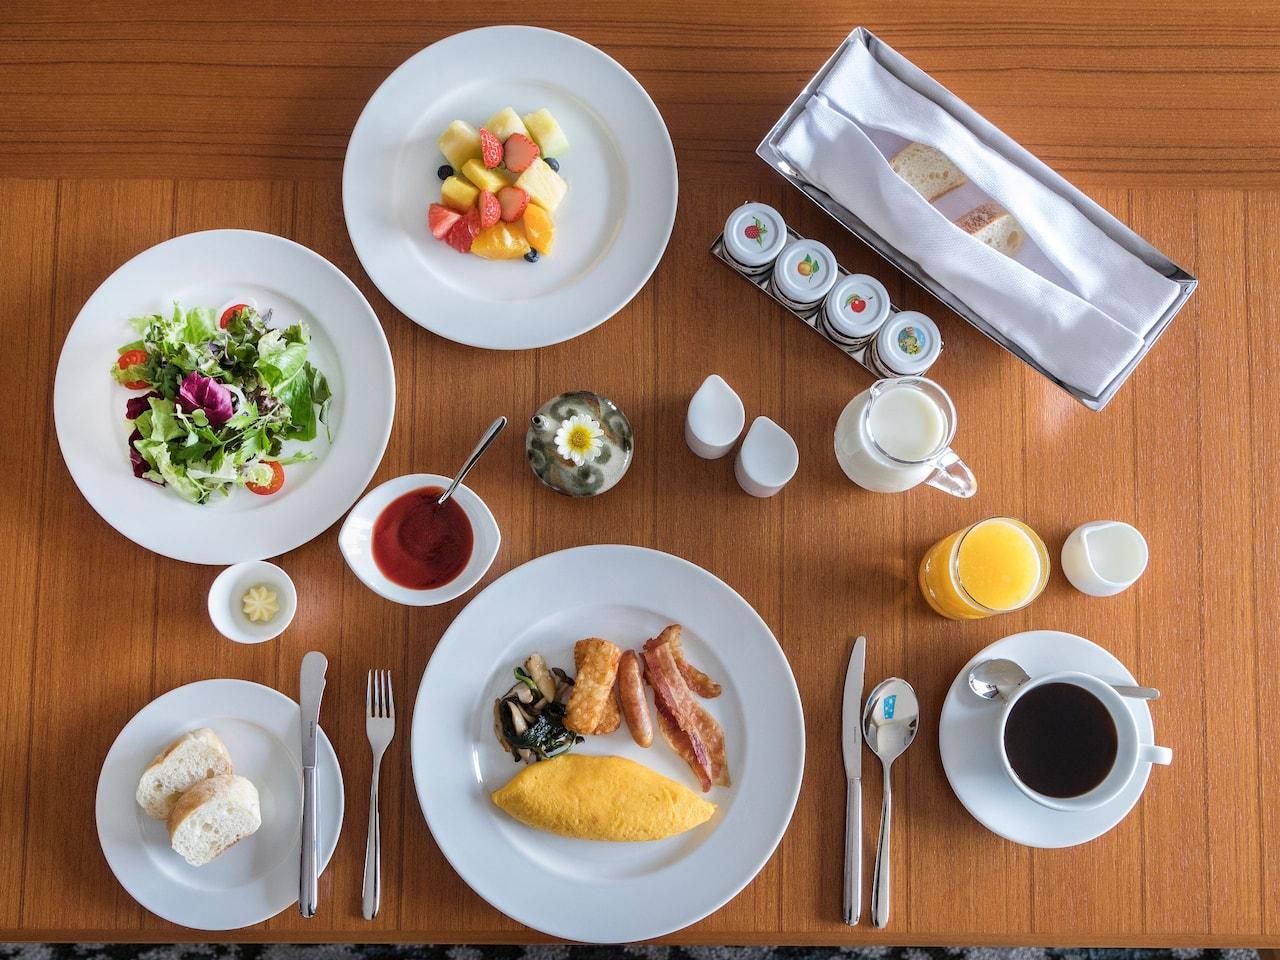 Hyatt Regency Seragaki Island Okinawa In-Room Dining